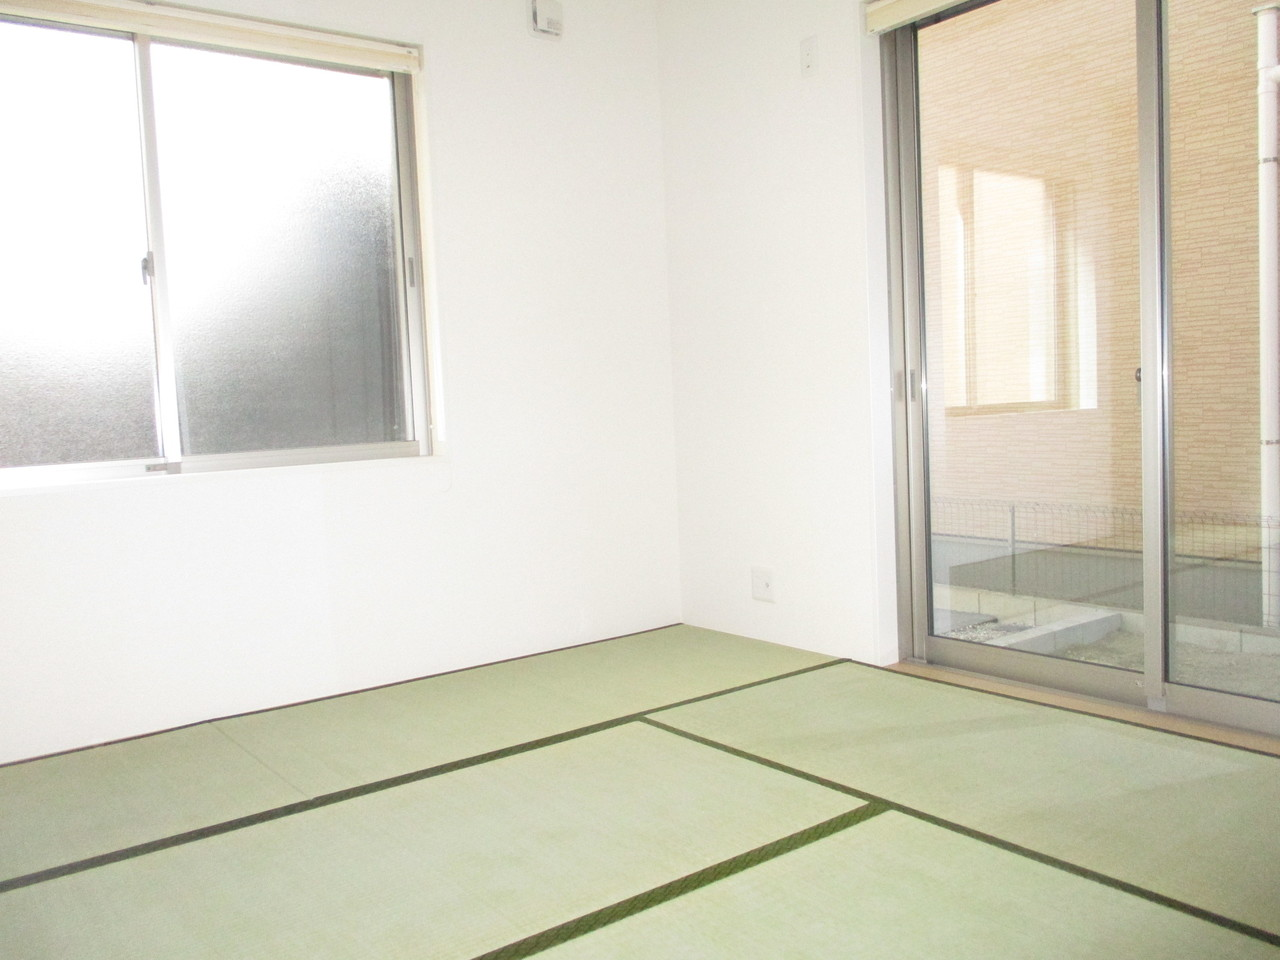 いぐさの香る和室でリラックスした毎日を情緒漂うくつろぎの和室でお過ごしください